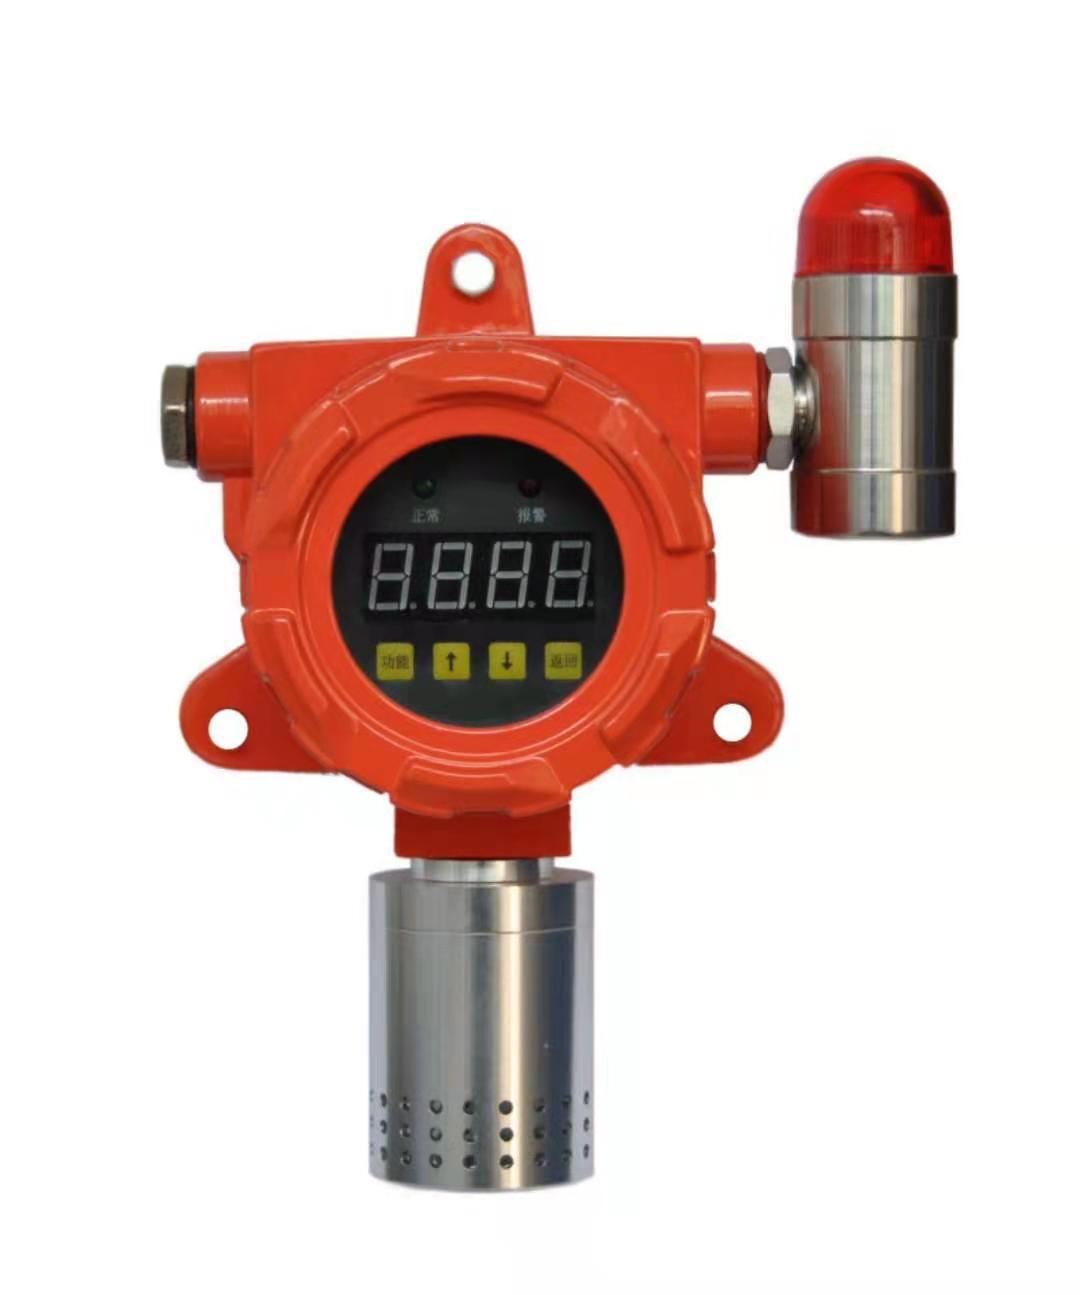 直销SH200-FC-D 激光粉尘报警仪 激光粉尘检测仪 激光浓度粉尘检测仪